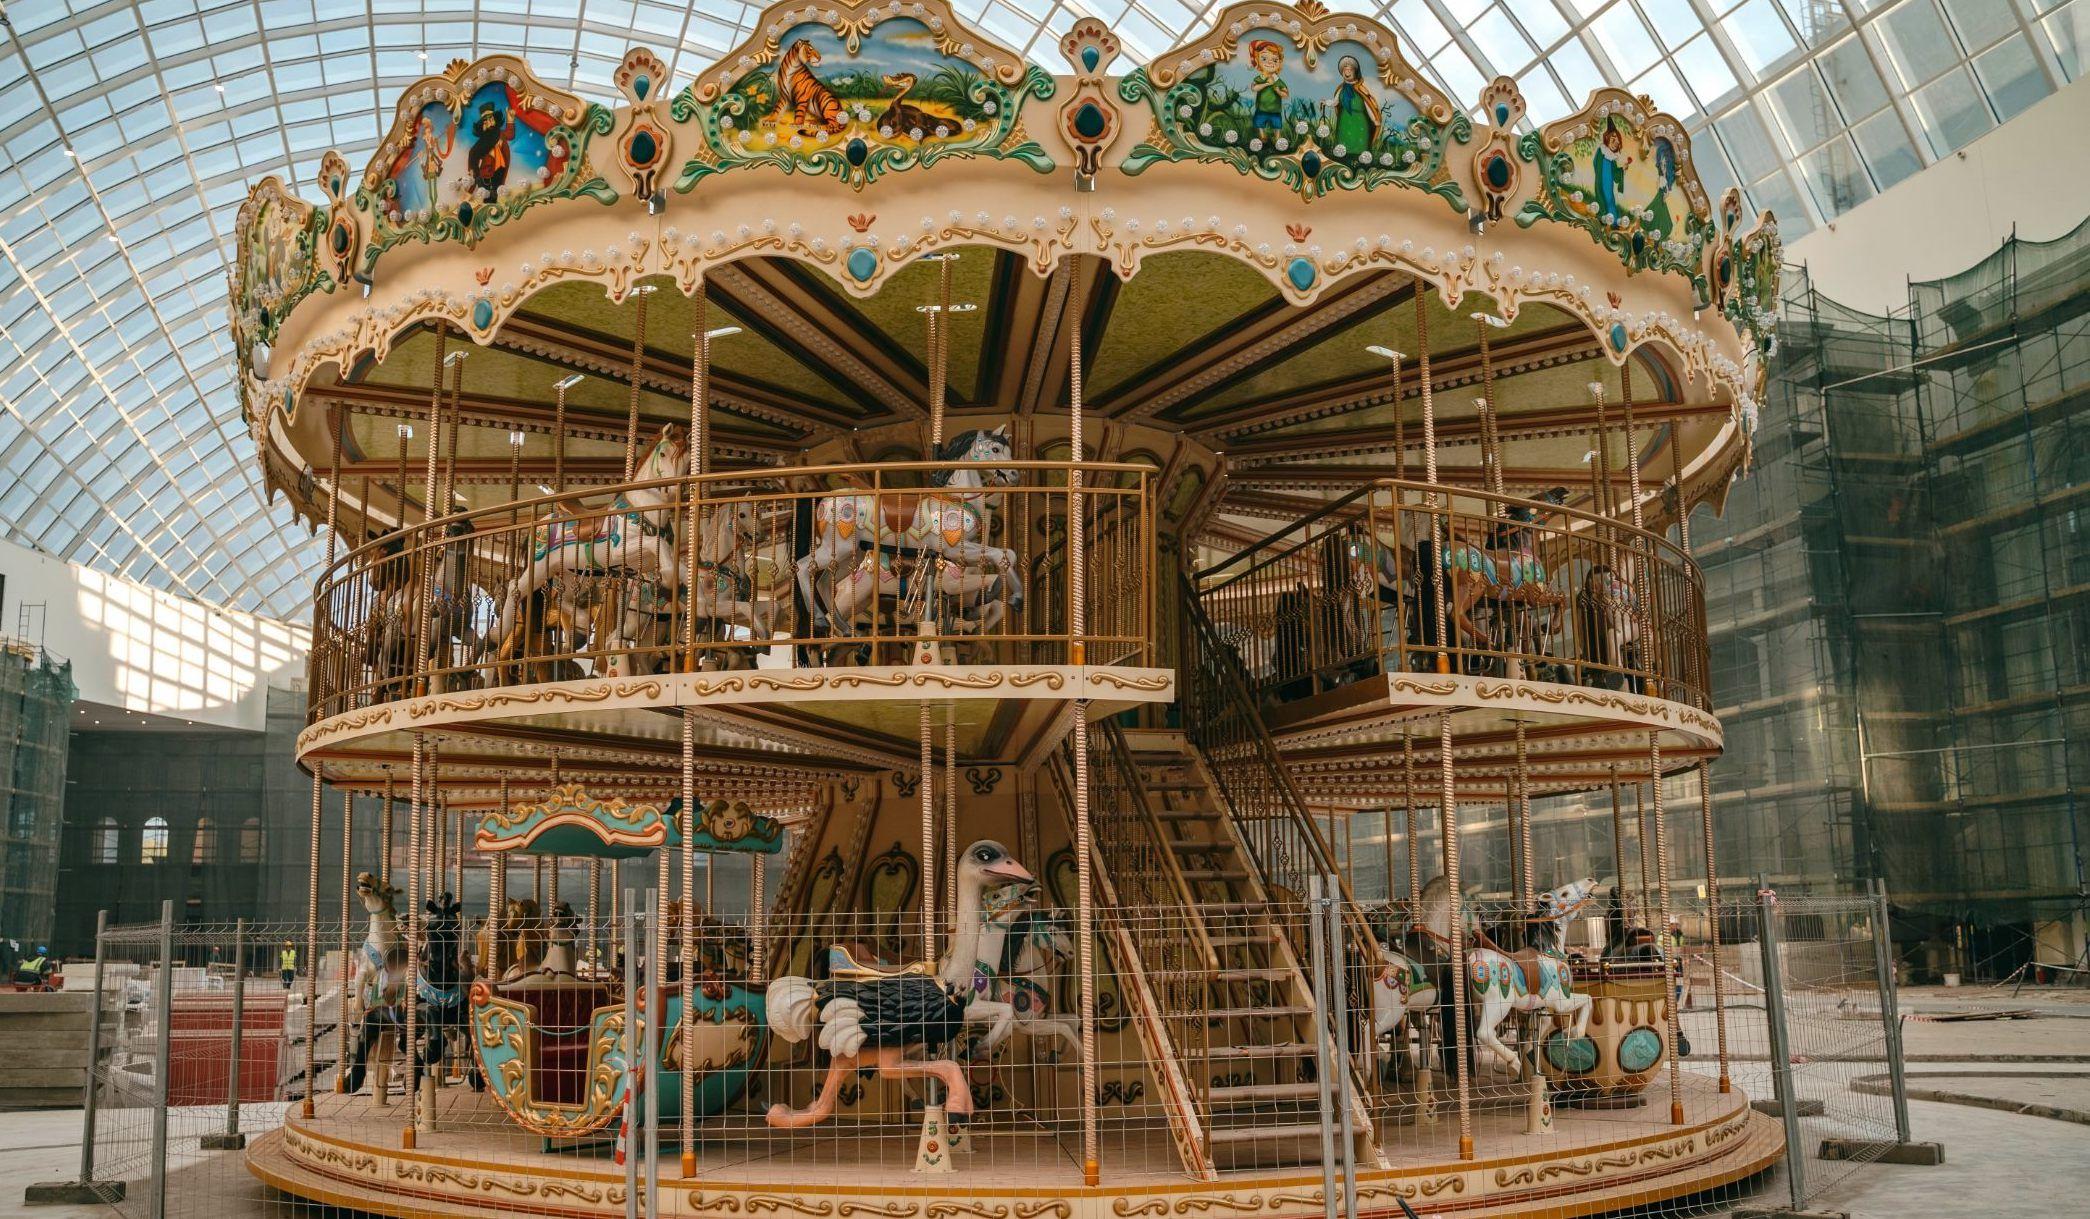 Венецианскую карусель установили в тематическом парке «Остров мечты»